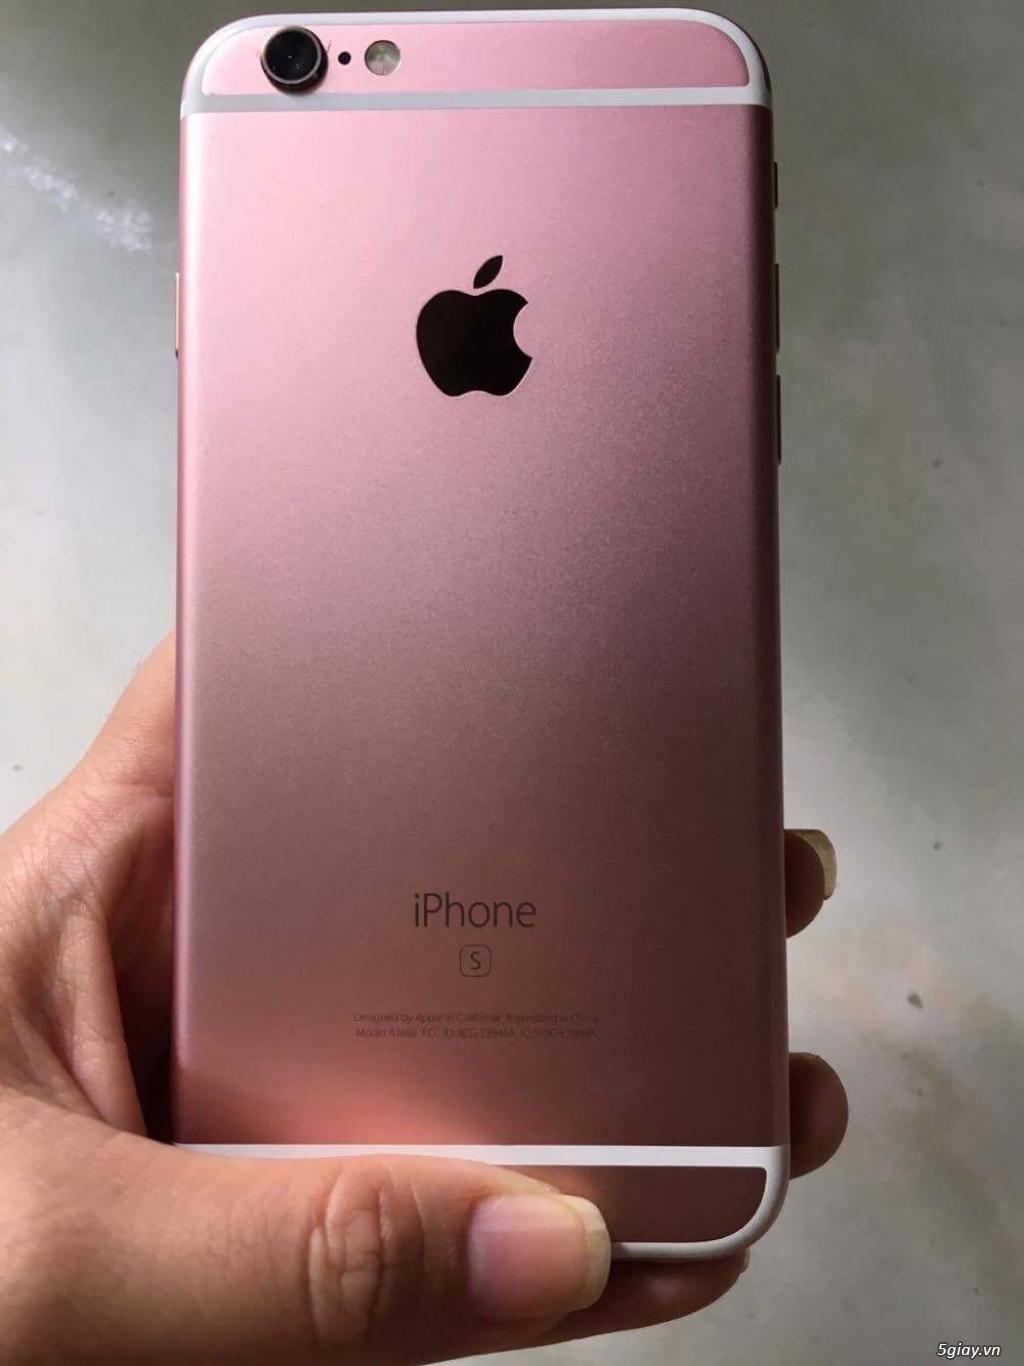 iPhone 6s 16Gb Hồng hàng Châu Âu máy đẹp 99% Fullbox!!!